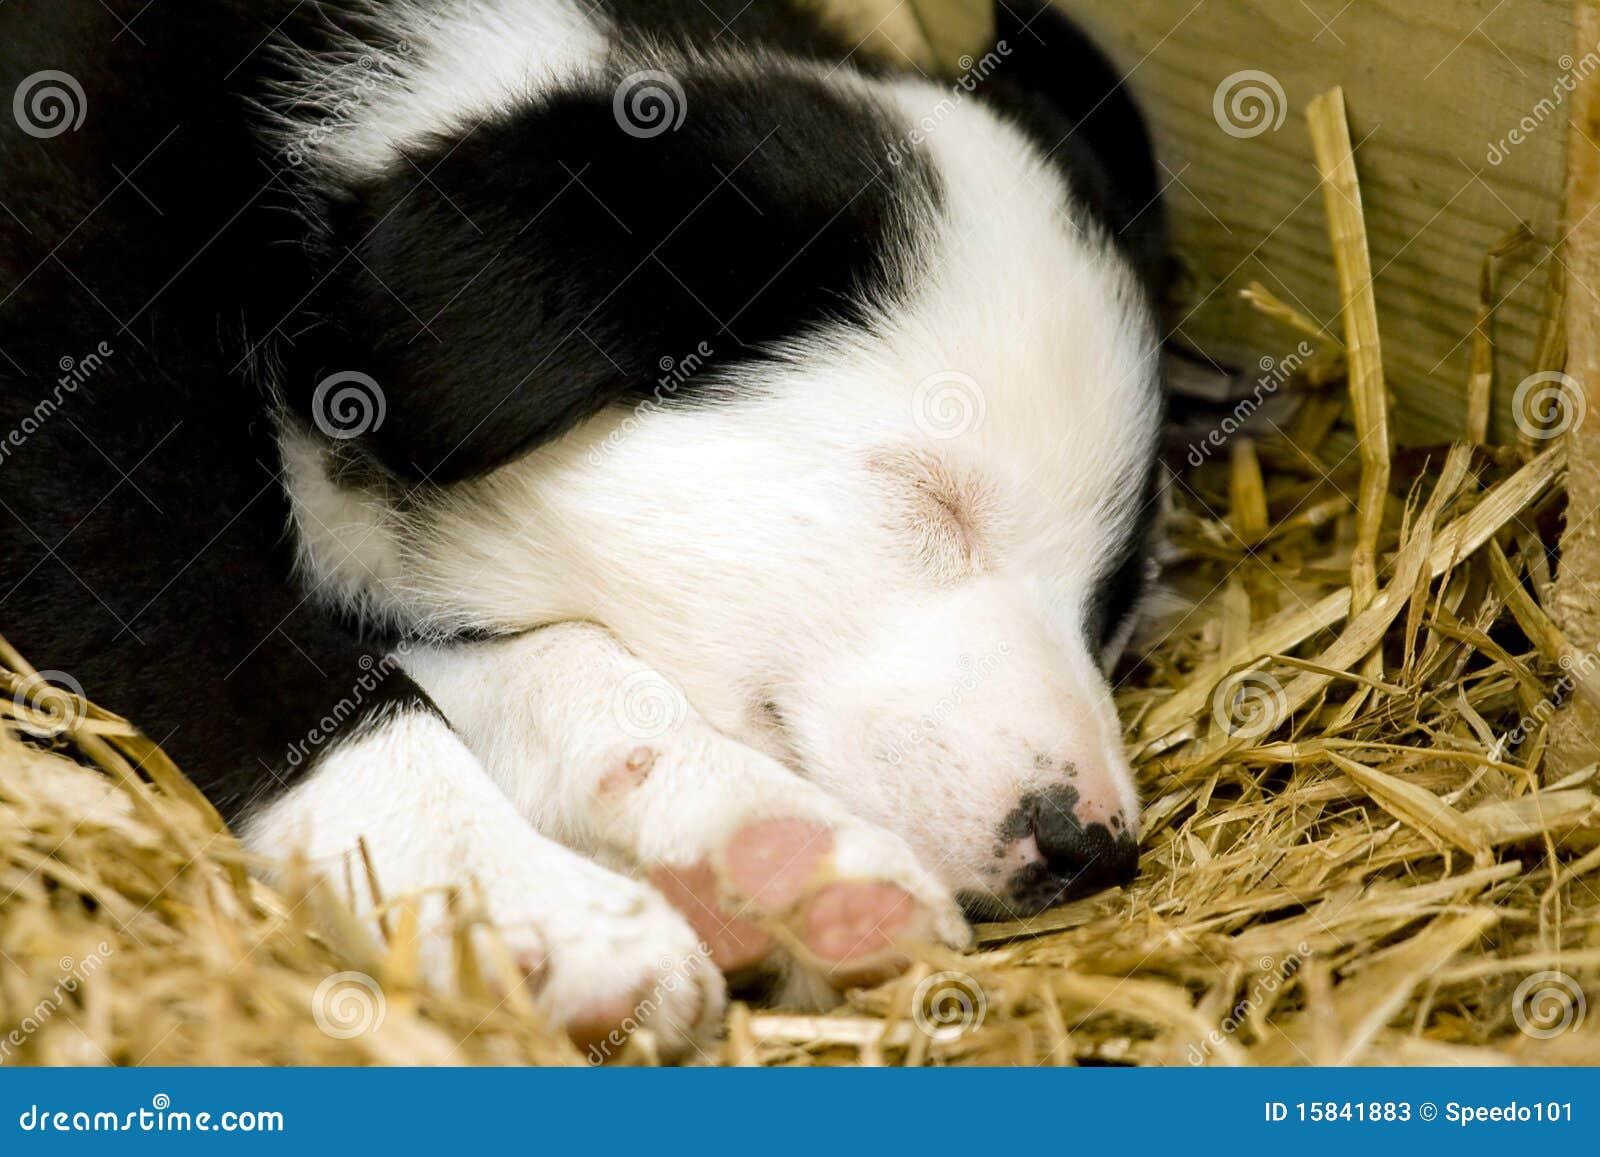 A Border Collie Puppy Sleeping Stock Photos Image 15841883